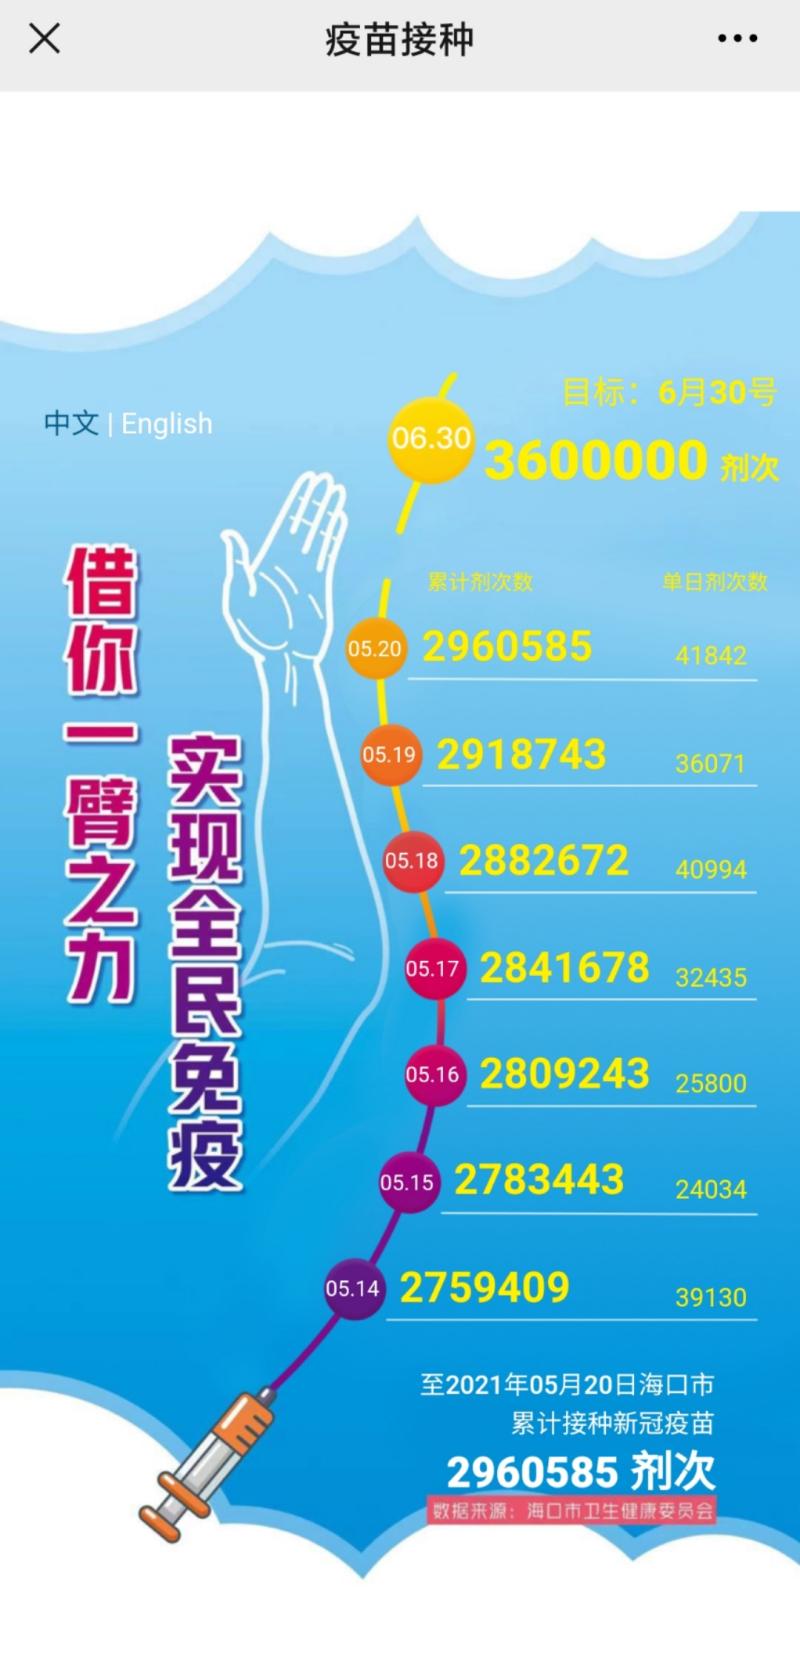 截至5月20日,海口累计接种新冠疫苗2960585剂次